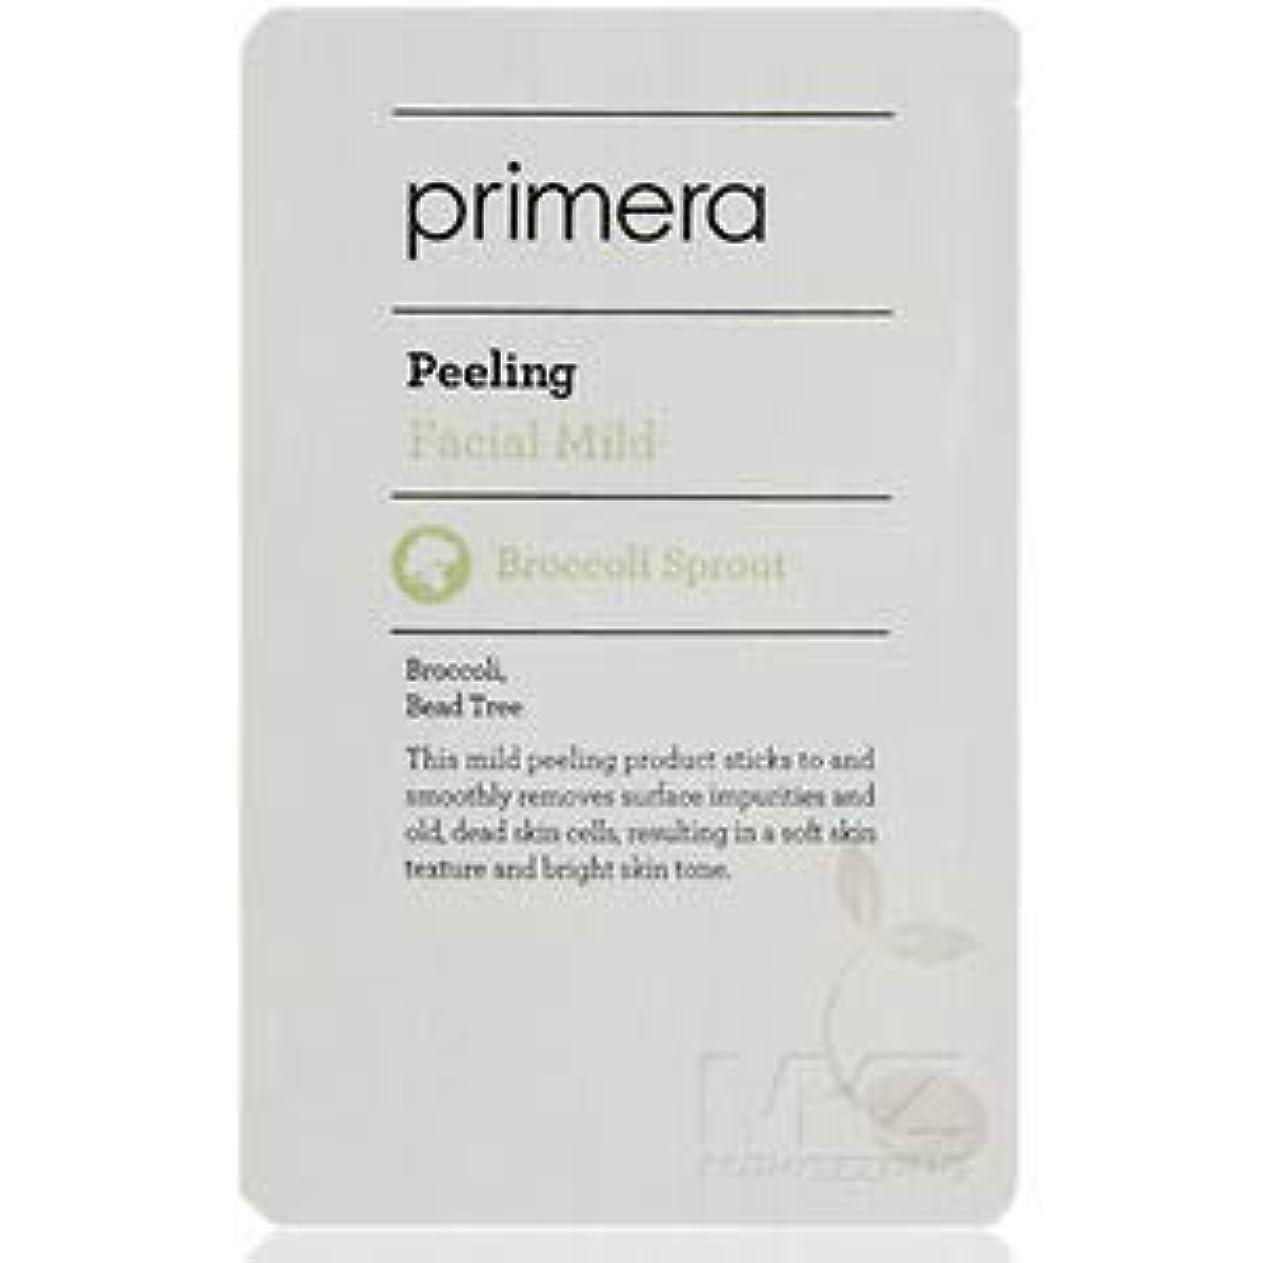 翻訳する植物学者石のPrimera facial mild peeling sample20EA [並行輸入品]